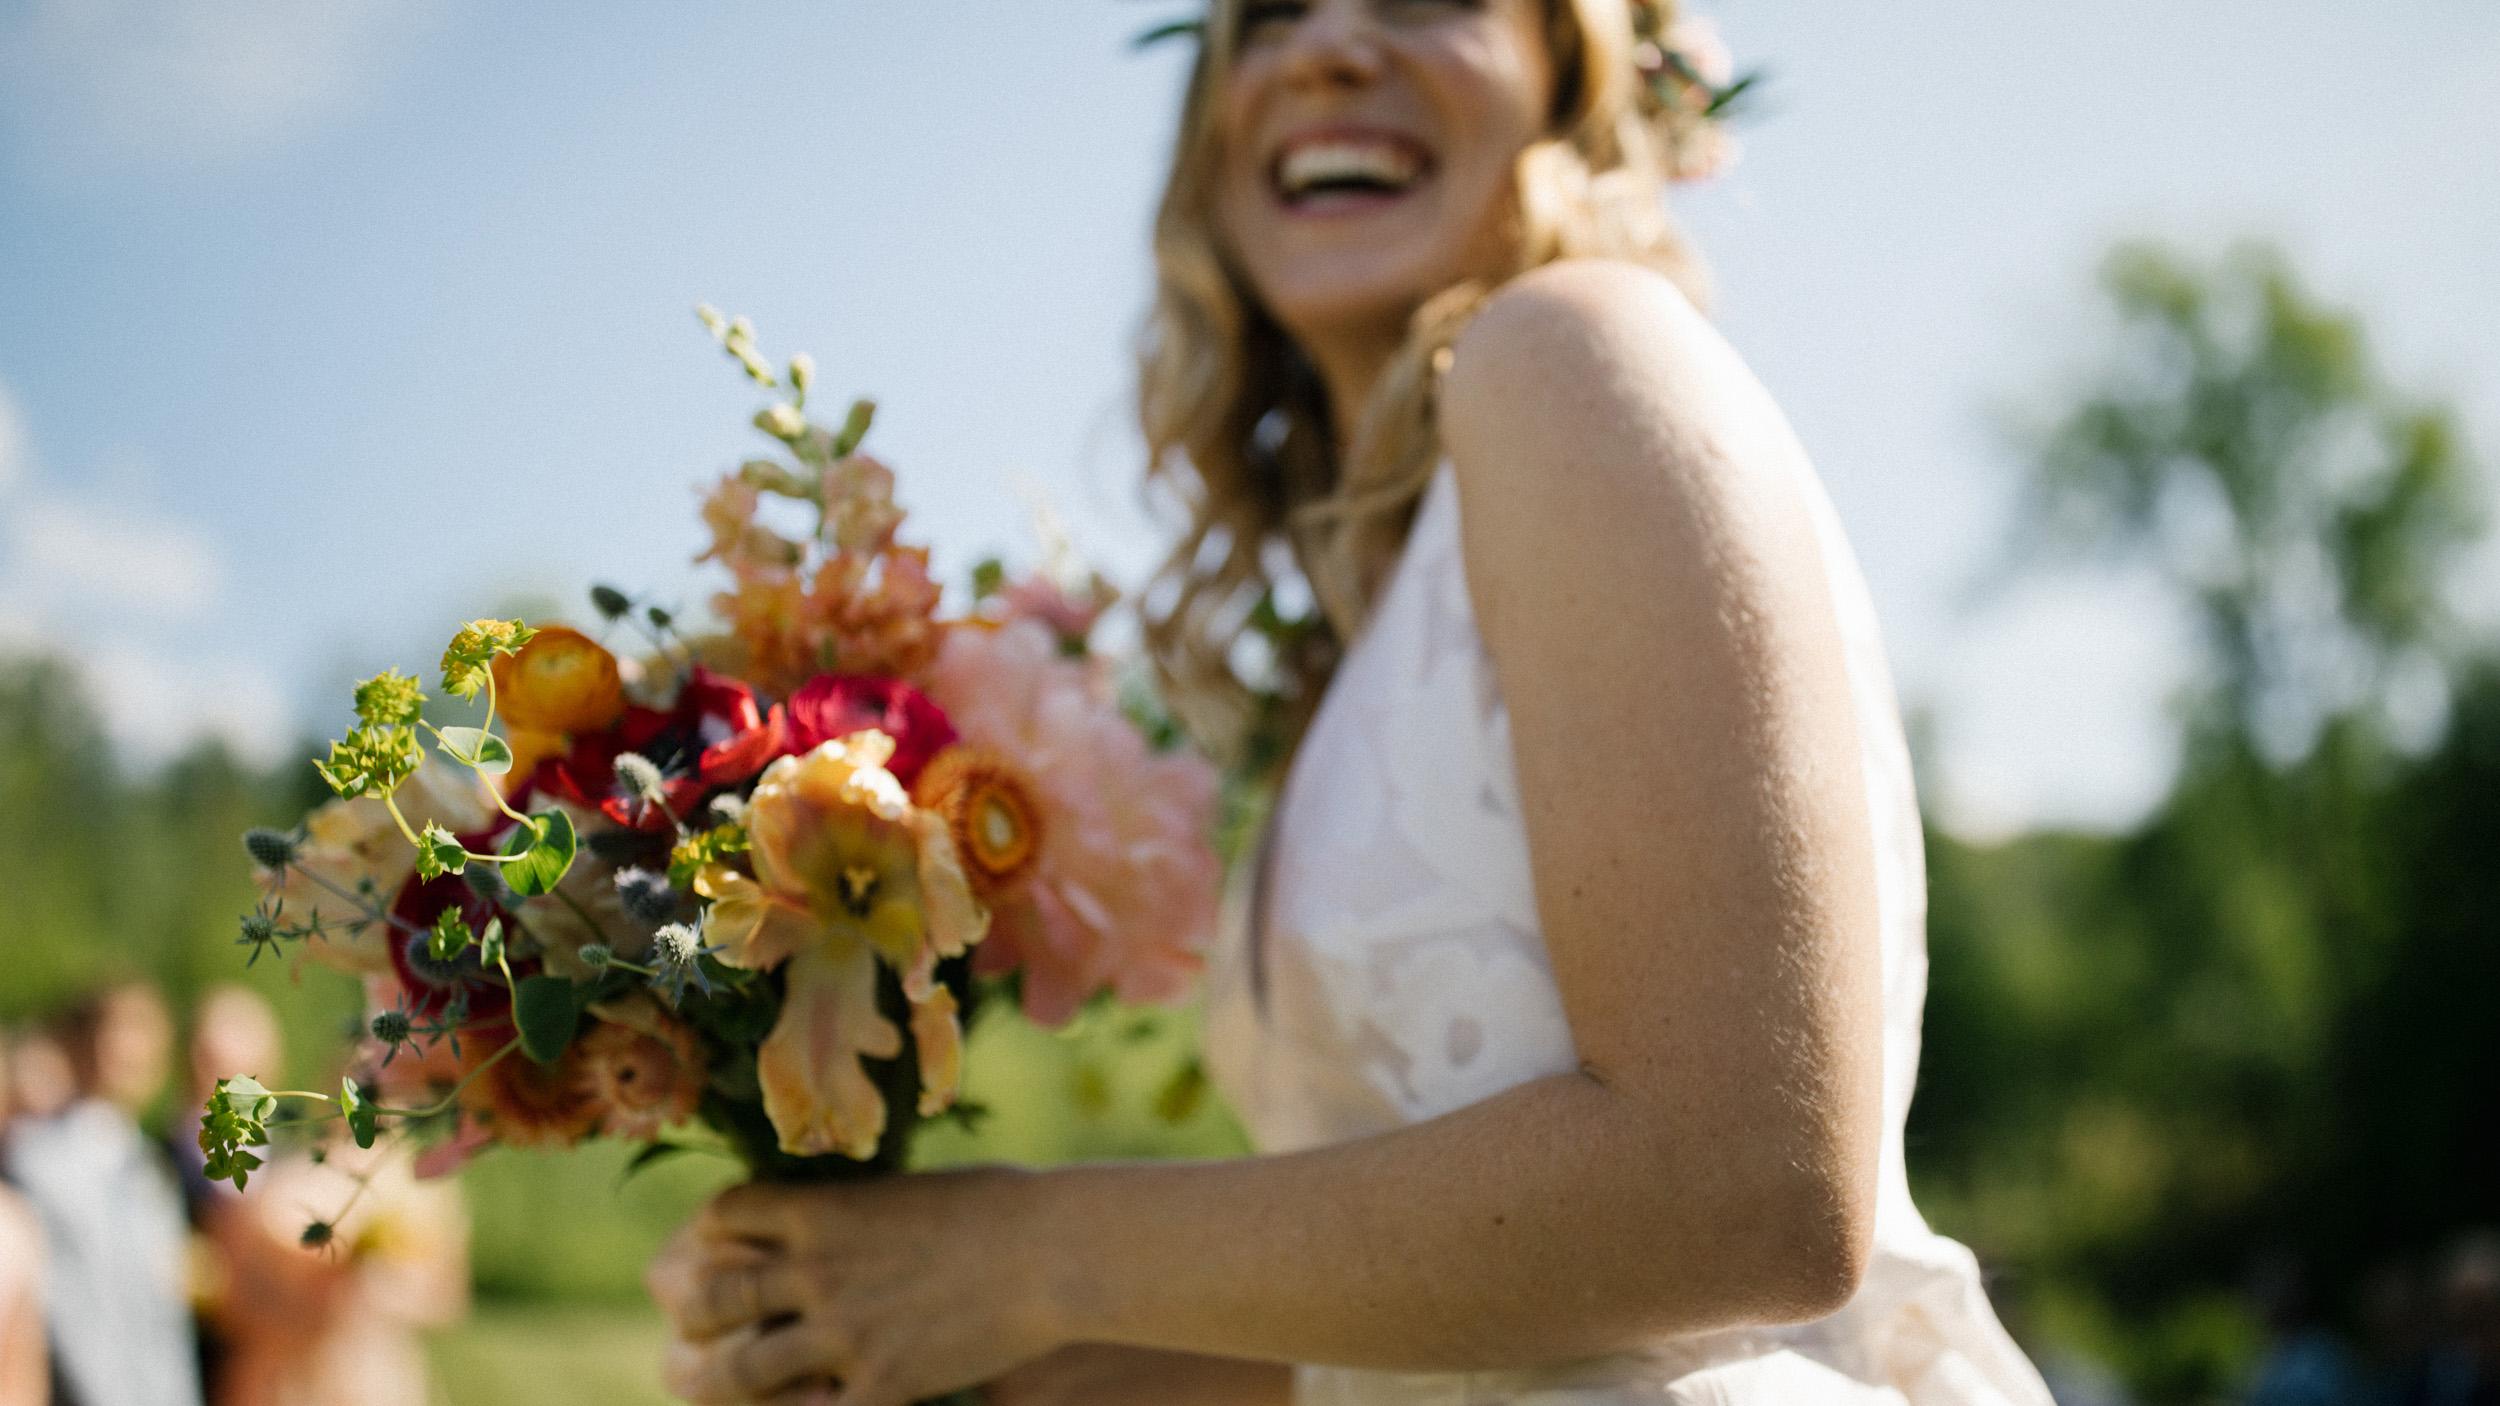 alec_vanderboom_vermont_wedding_photography-0082.jpg